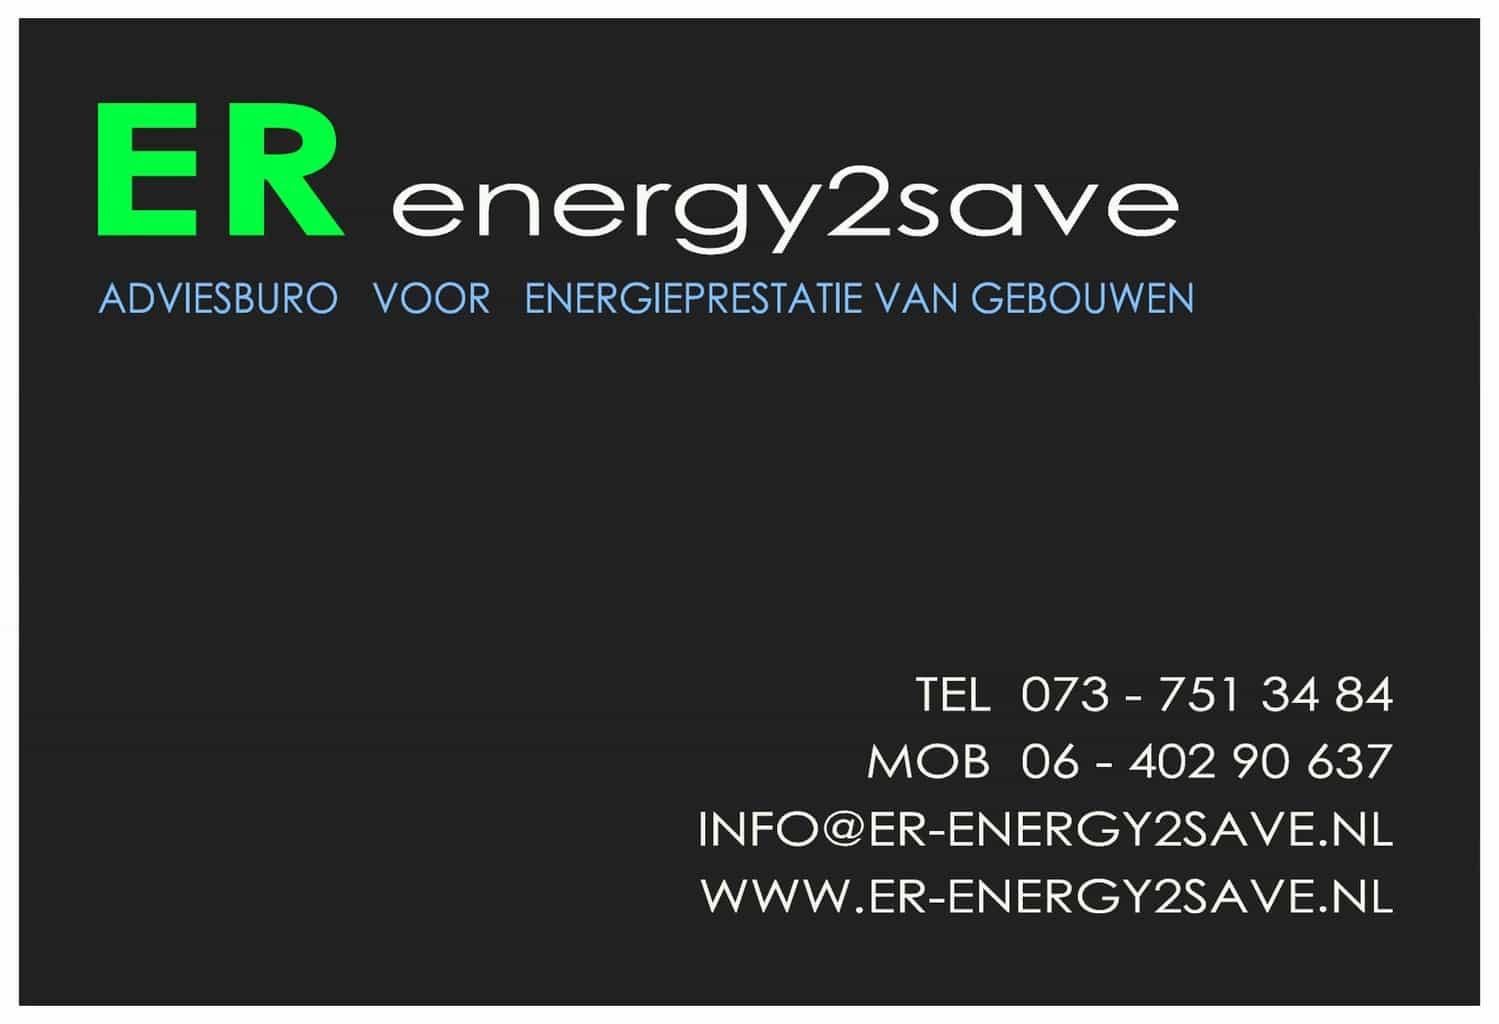 ER e2s - Visitekaart, voorzijde.jpg